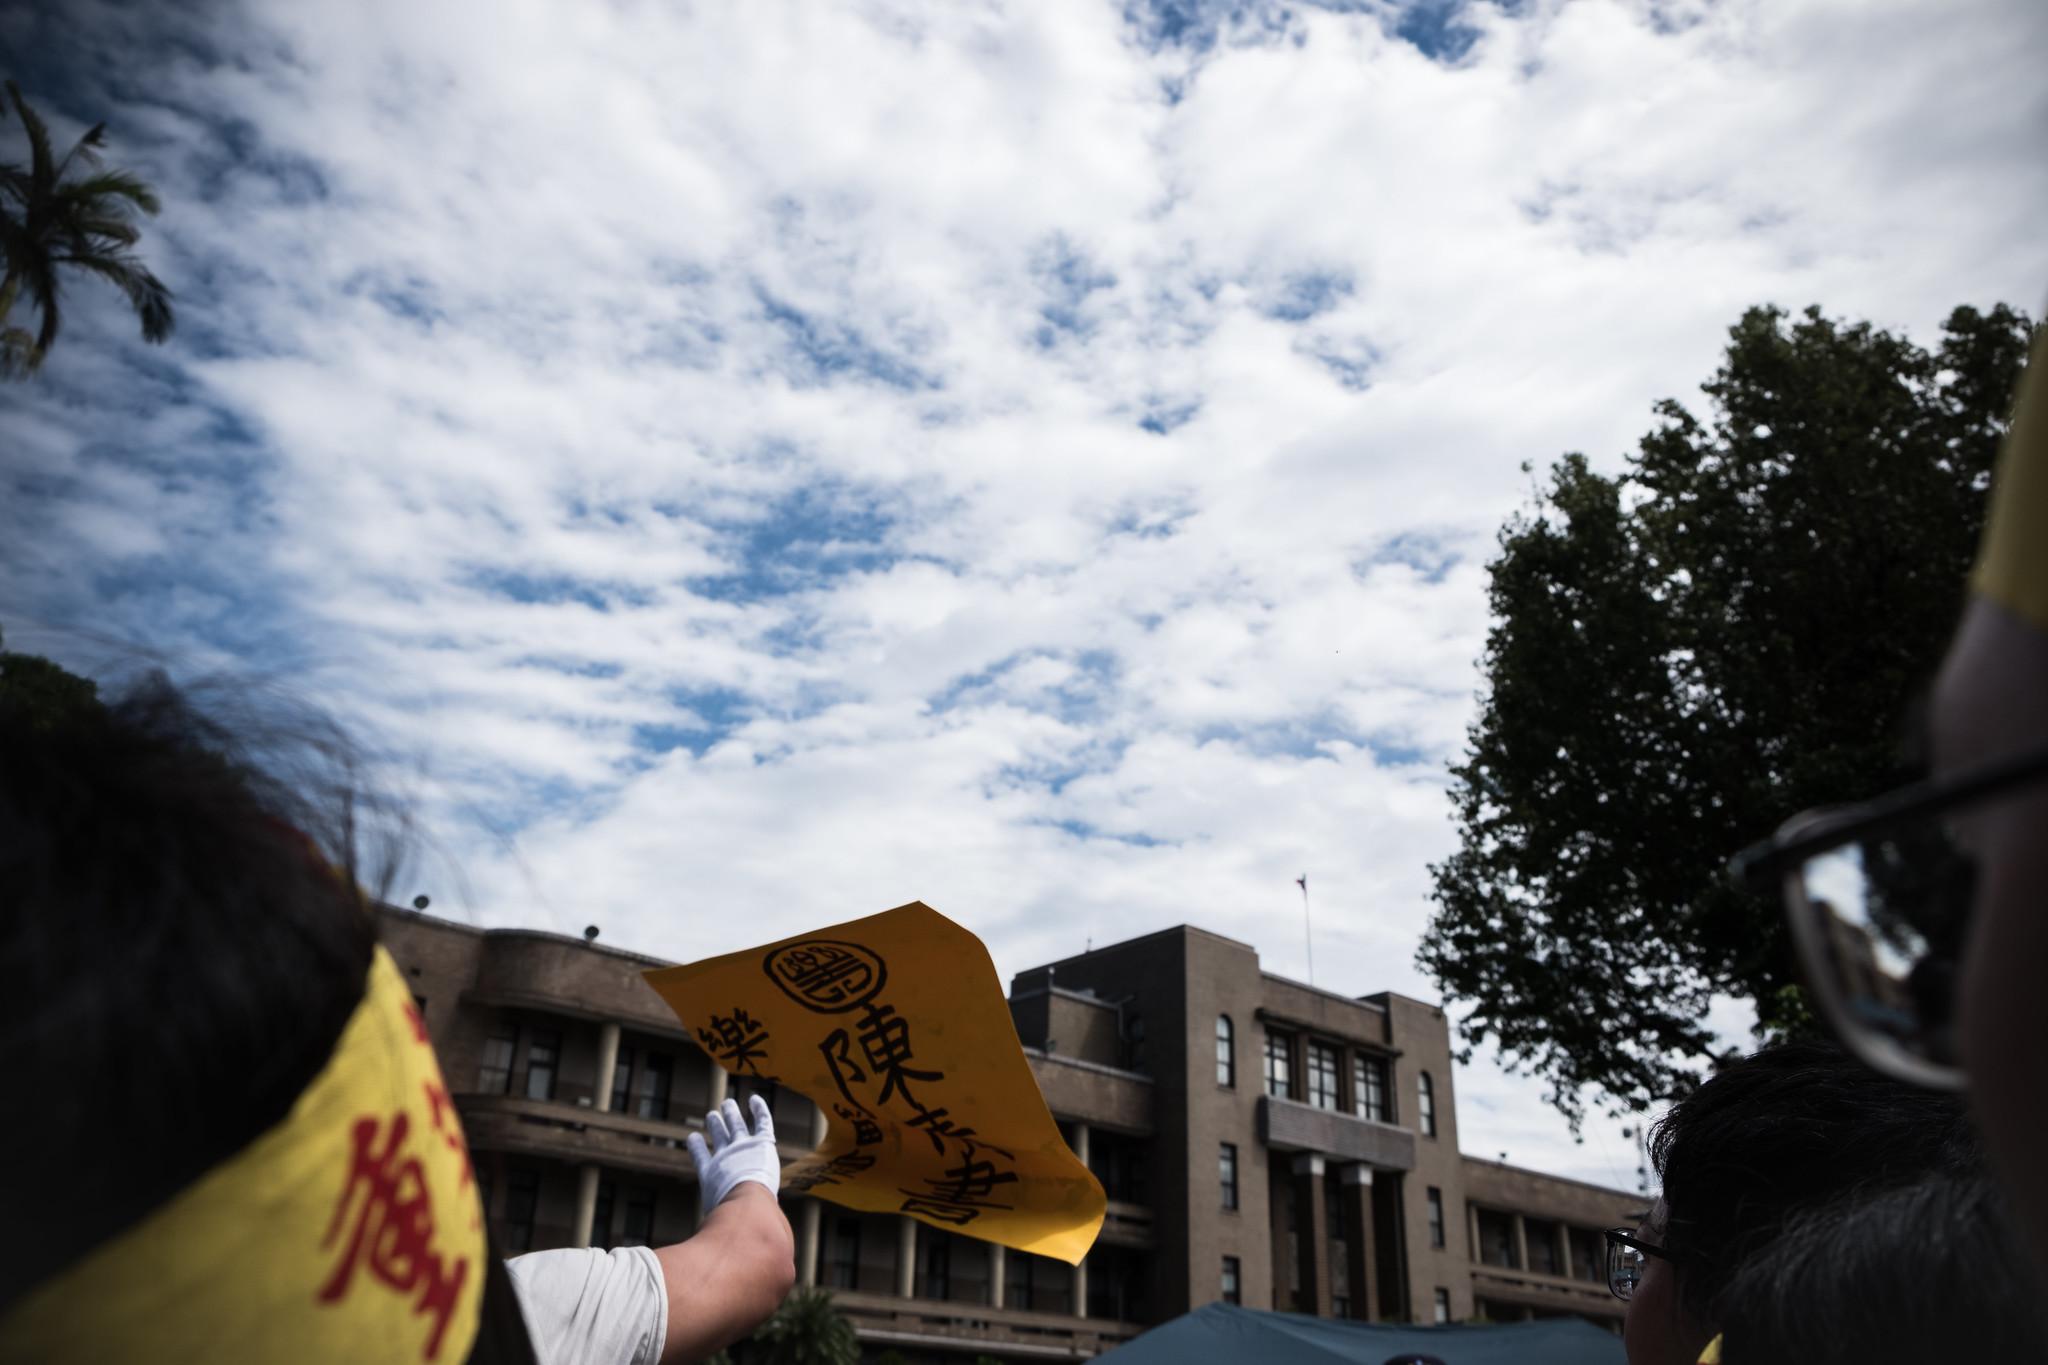 樂青拒絕與沒有決定權的副處長陳情,因此將陳情書扔進行政院,遭警方警告「不要拋擲危險物品」(攝影:唐佐欣)